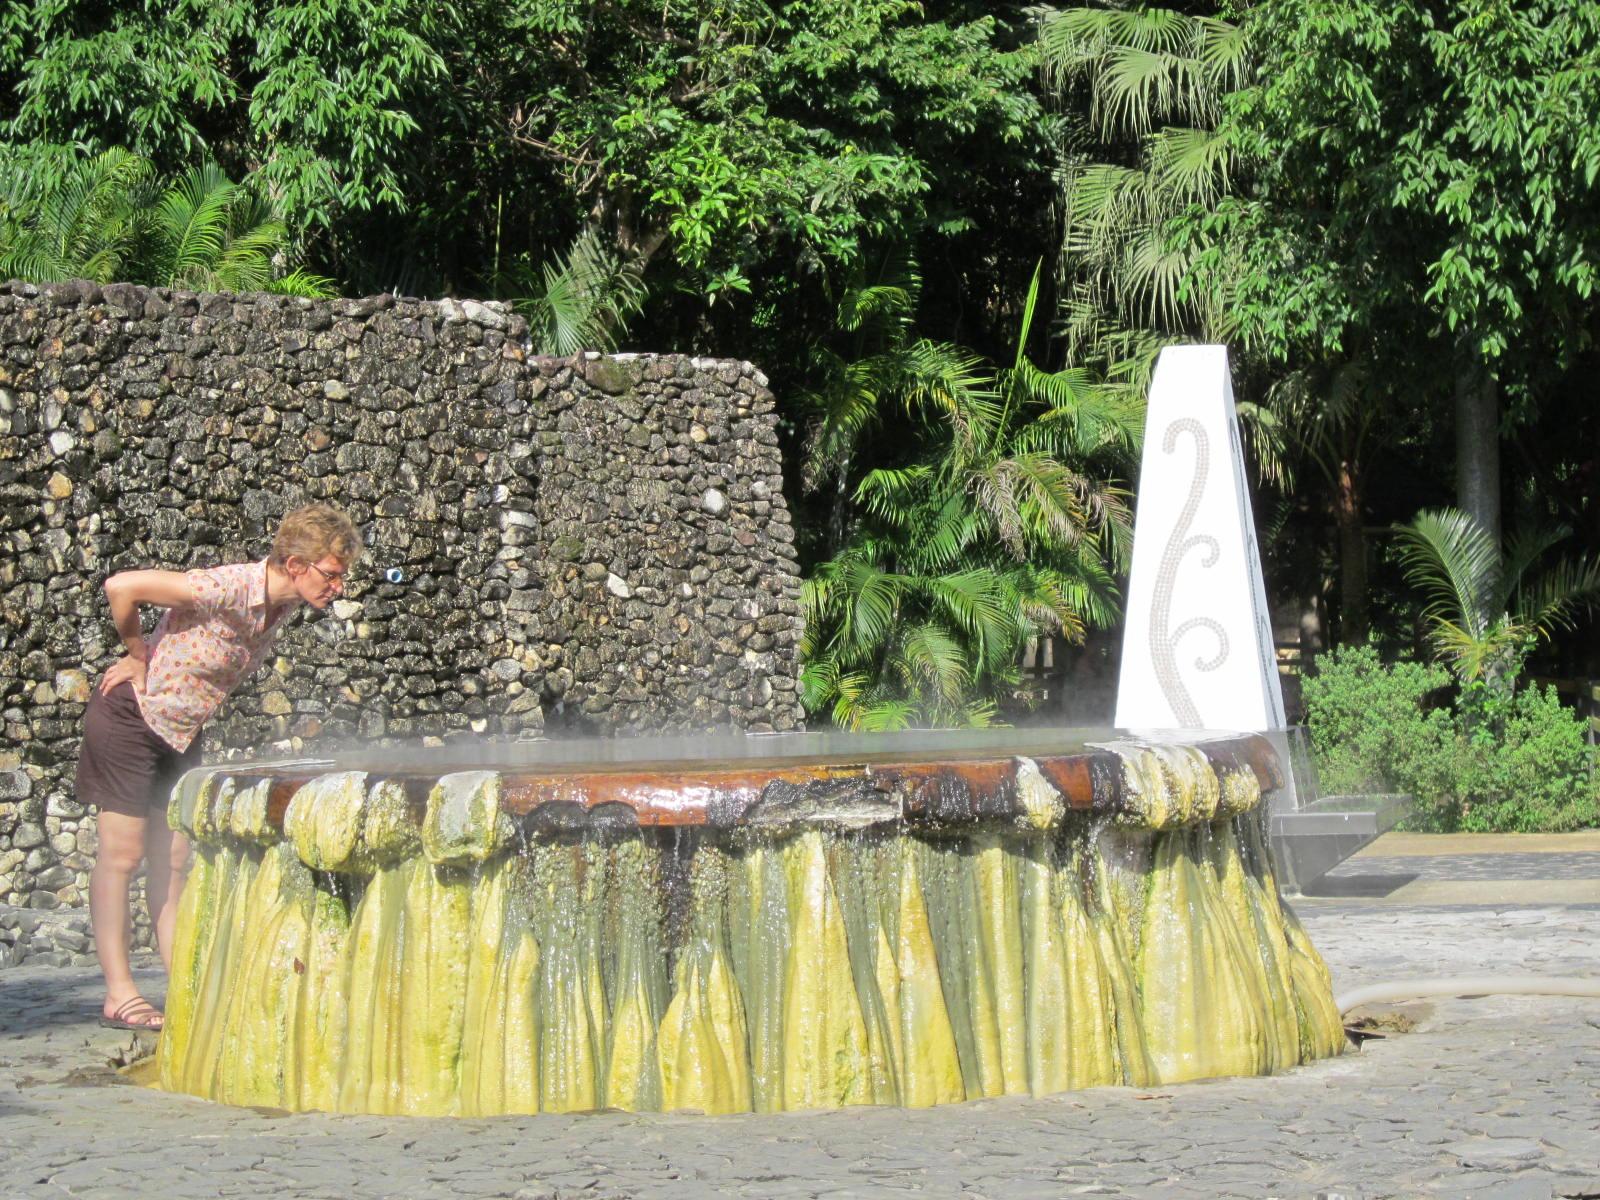 3. Khao Chai Son Hot Springs